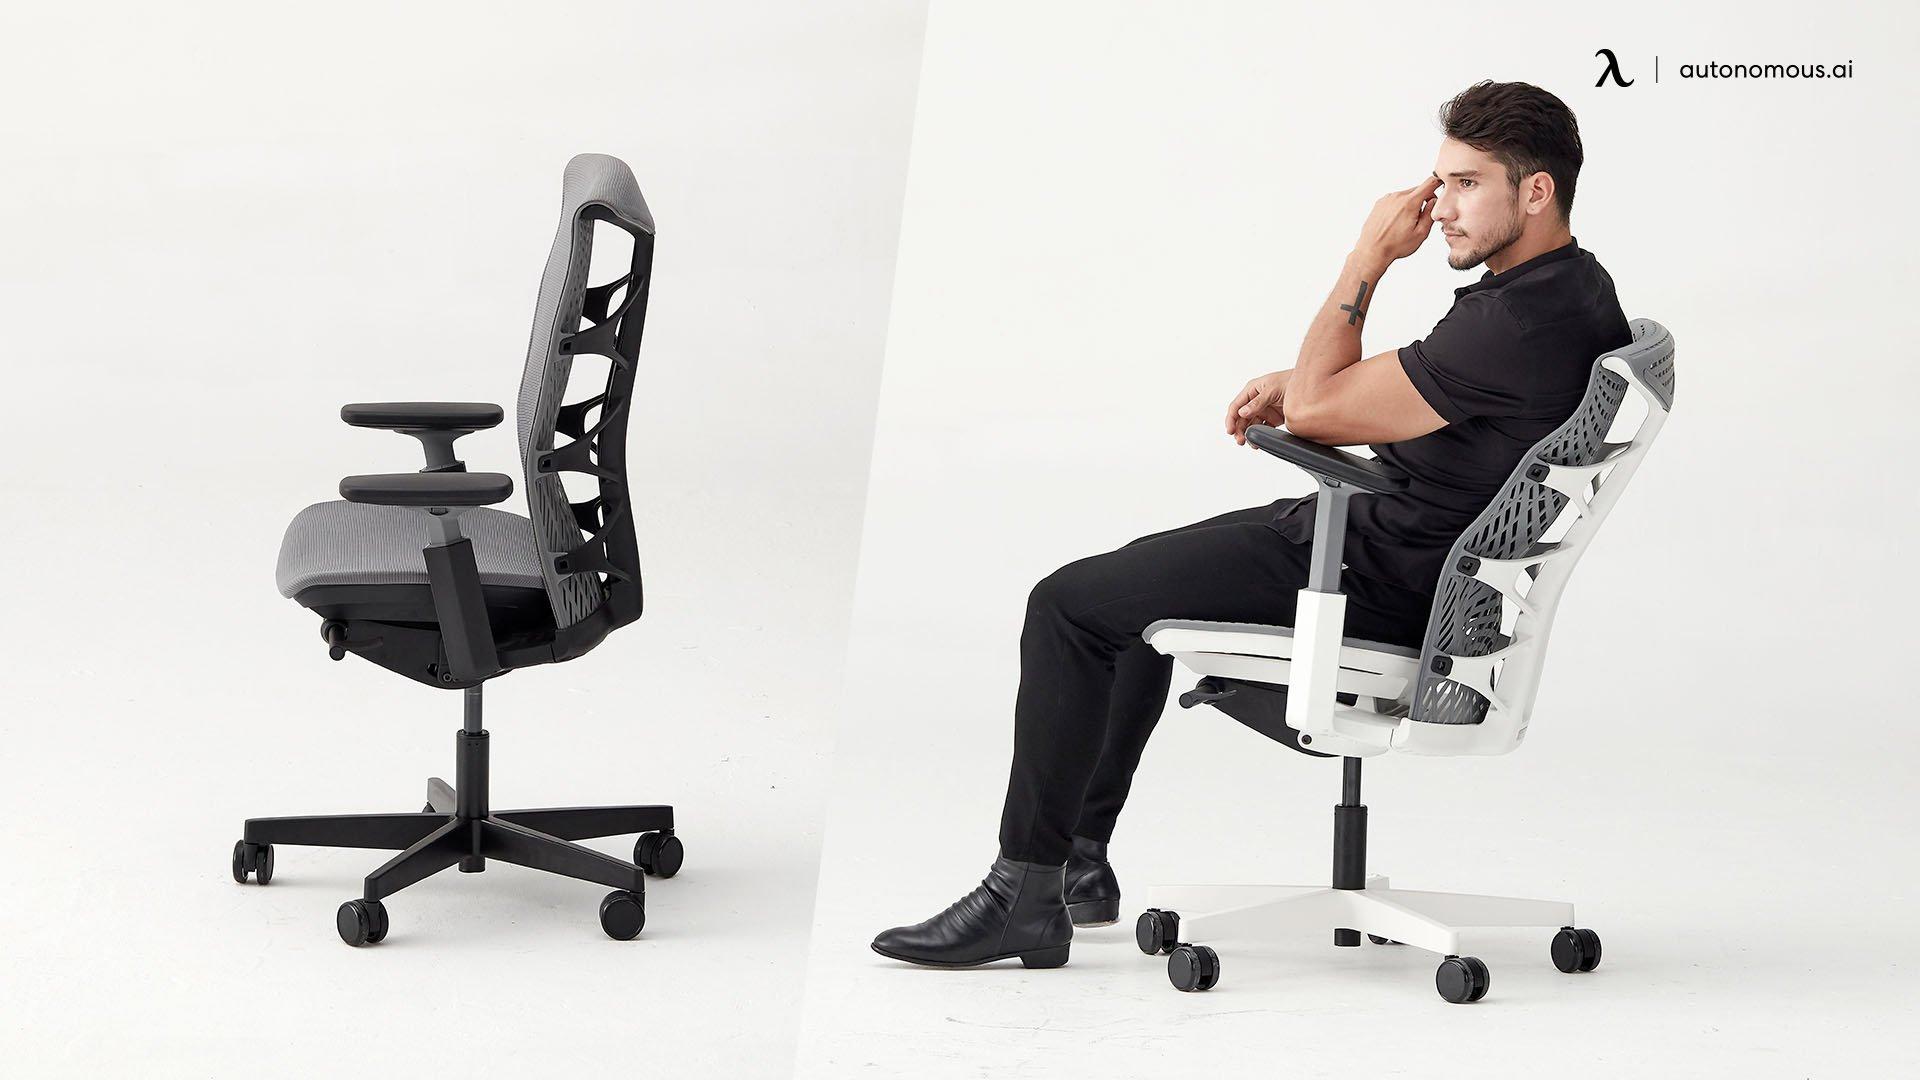 Spinal support designed